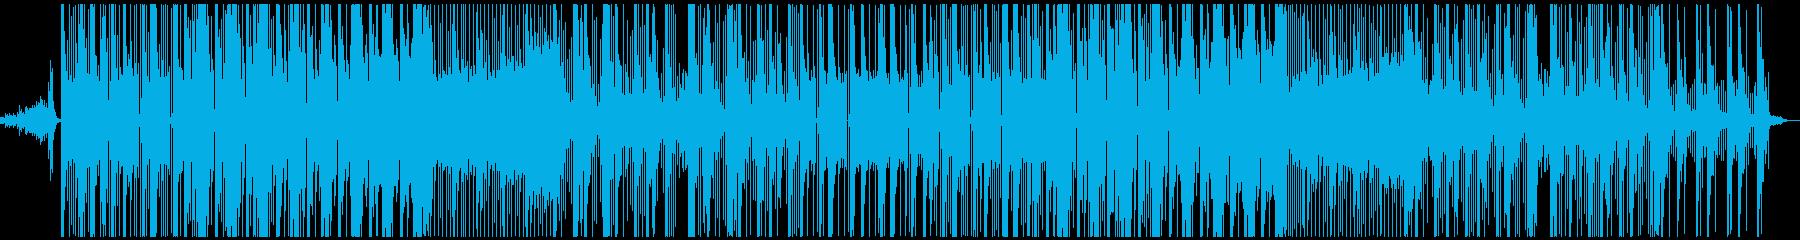 シンプルな最近のヒップホップトラックの再生済みの波形